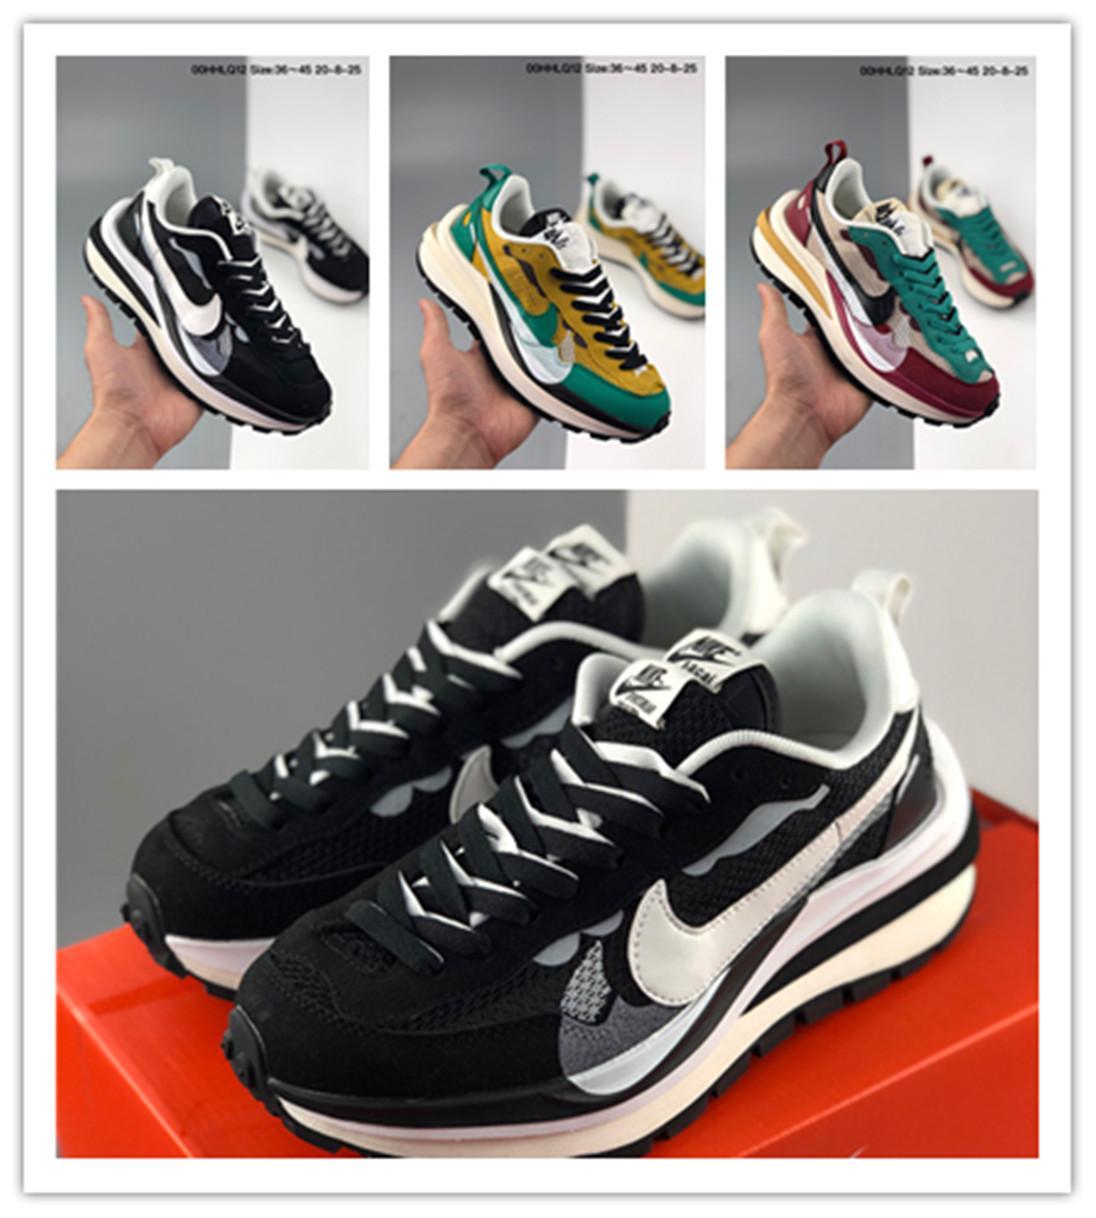 2020 новый Sacai LD вафельные мужчины женщины кроссовки Нейлон Тройные черные мужчины обувь тренеров, работающих размер спортивной обуви 36-45